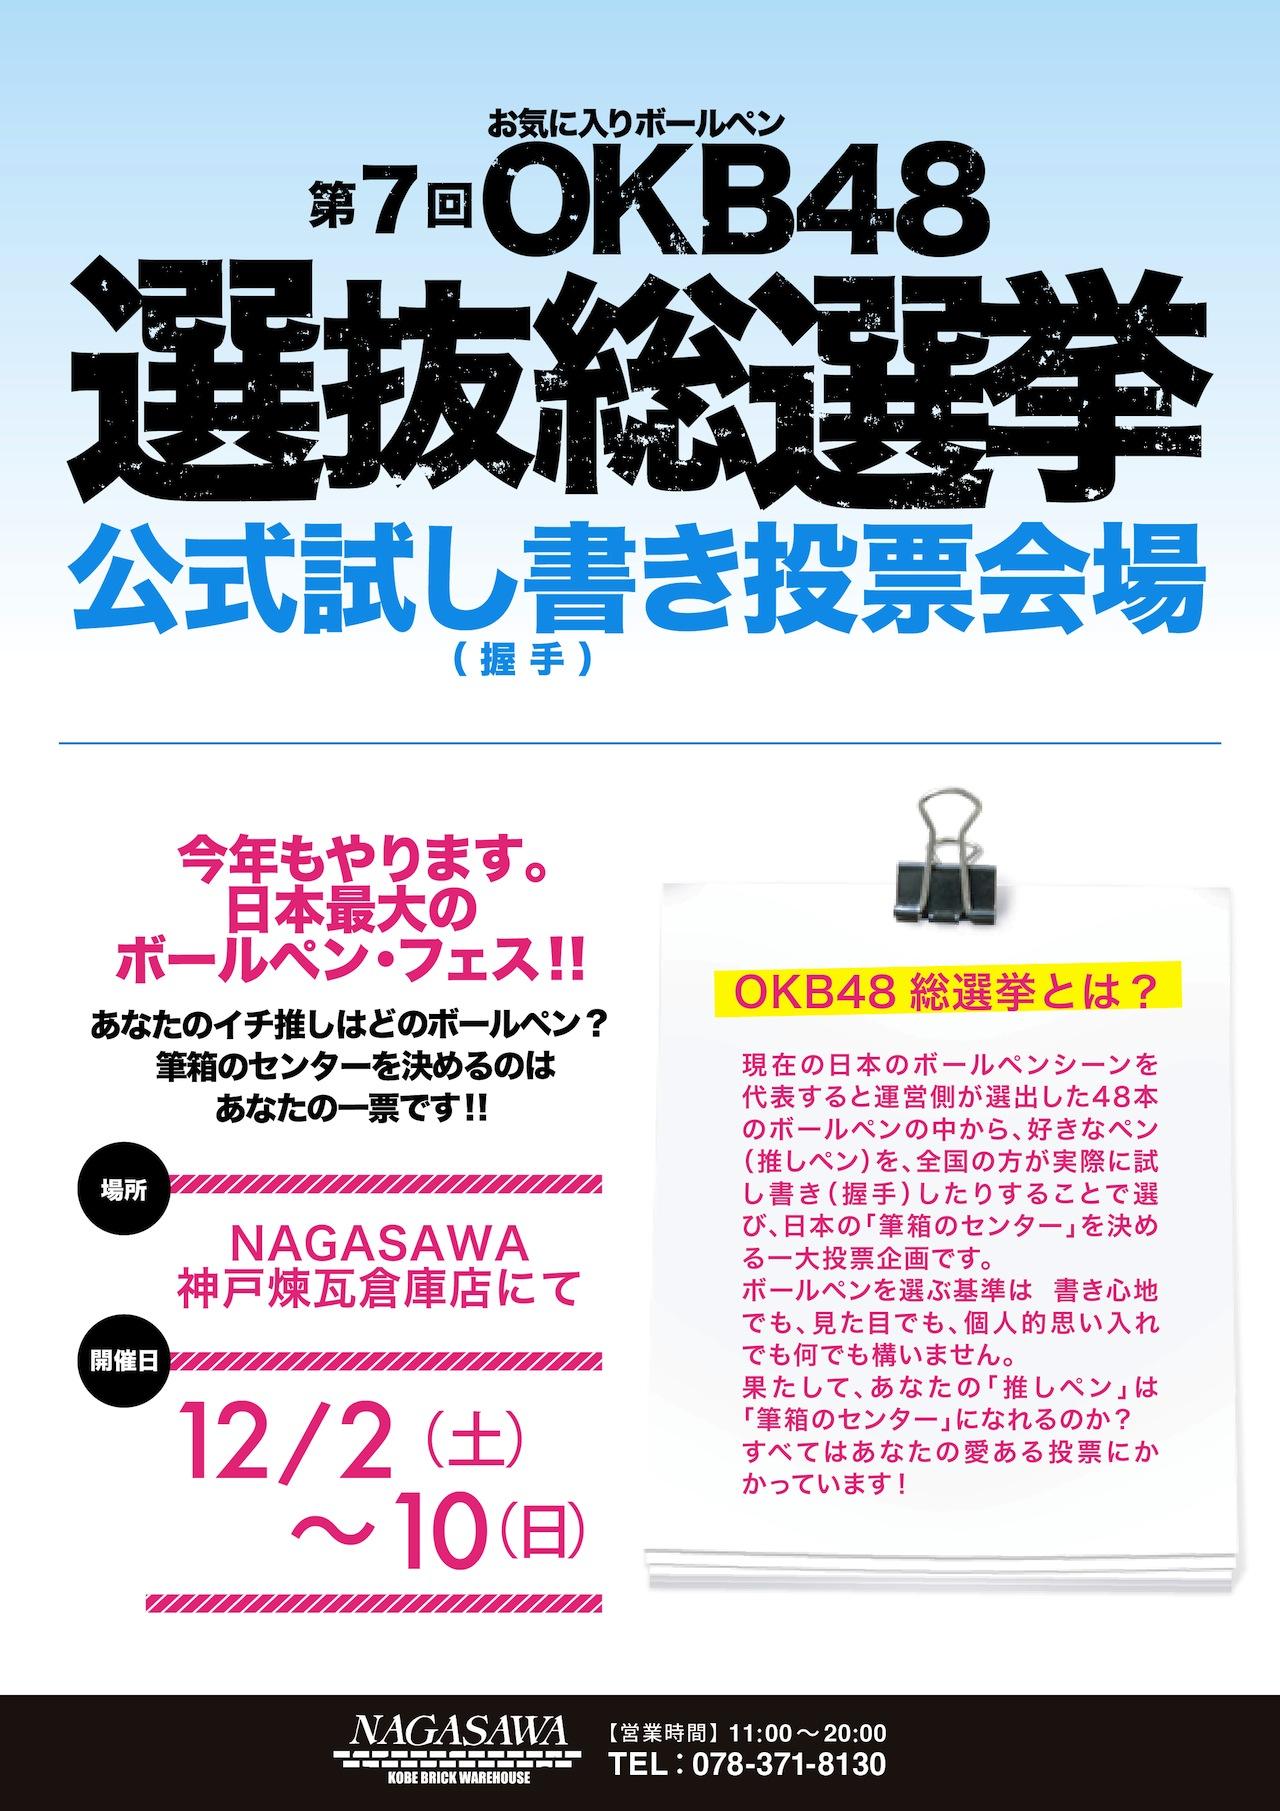 第7回 OKB(お気に入りボールペン)48 選抜総選挙開催! @ NAGASAWA神戸煉瓦倉庫店